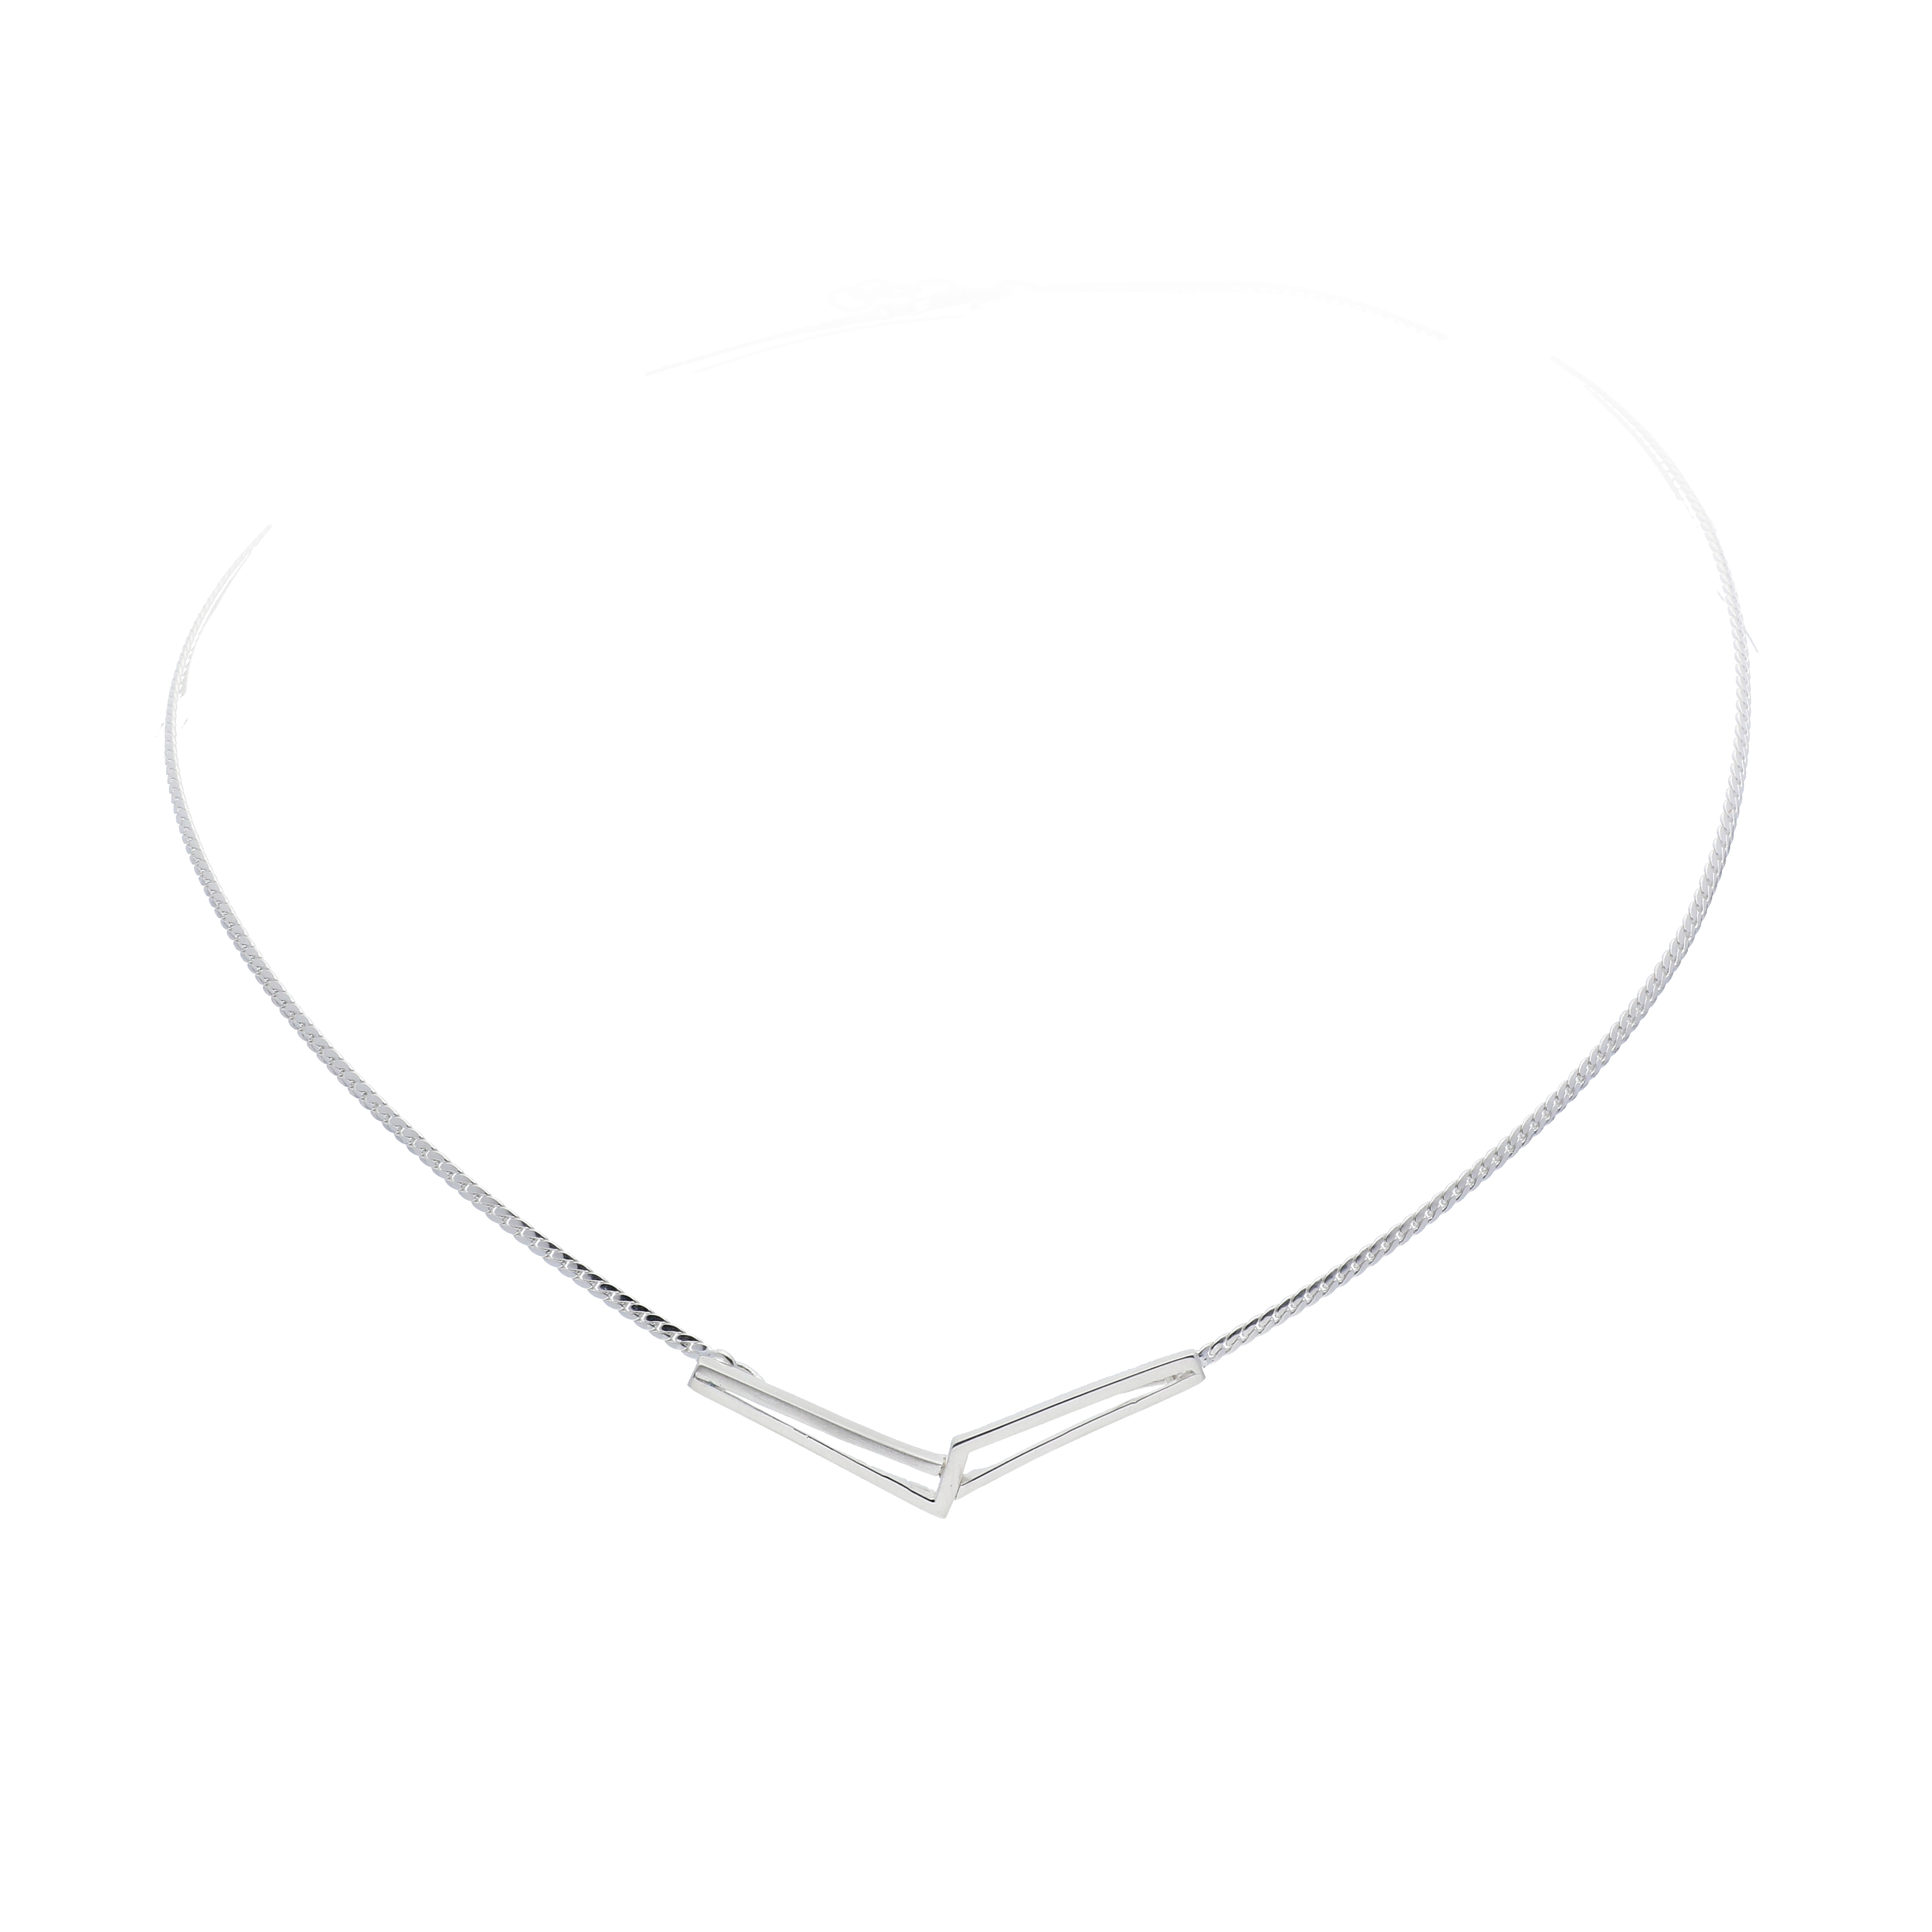 Afbeelding van Best Basics Ketting zilver met tussenstuk 103.0717.45